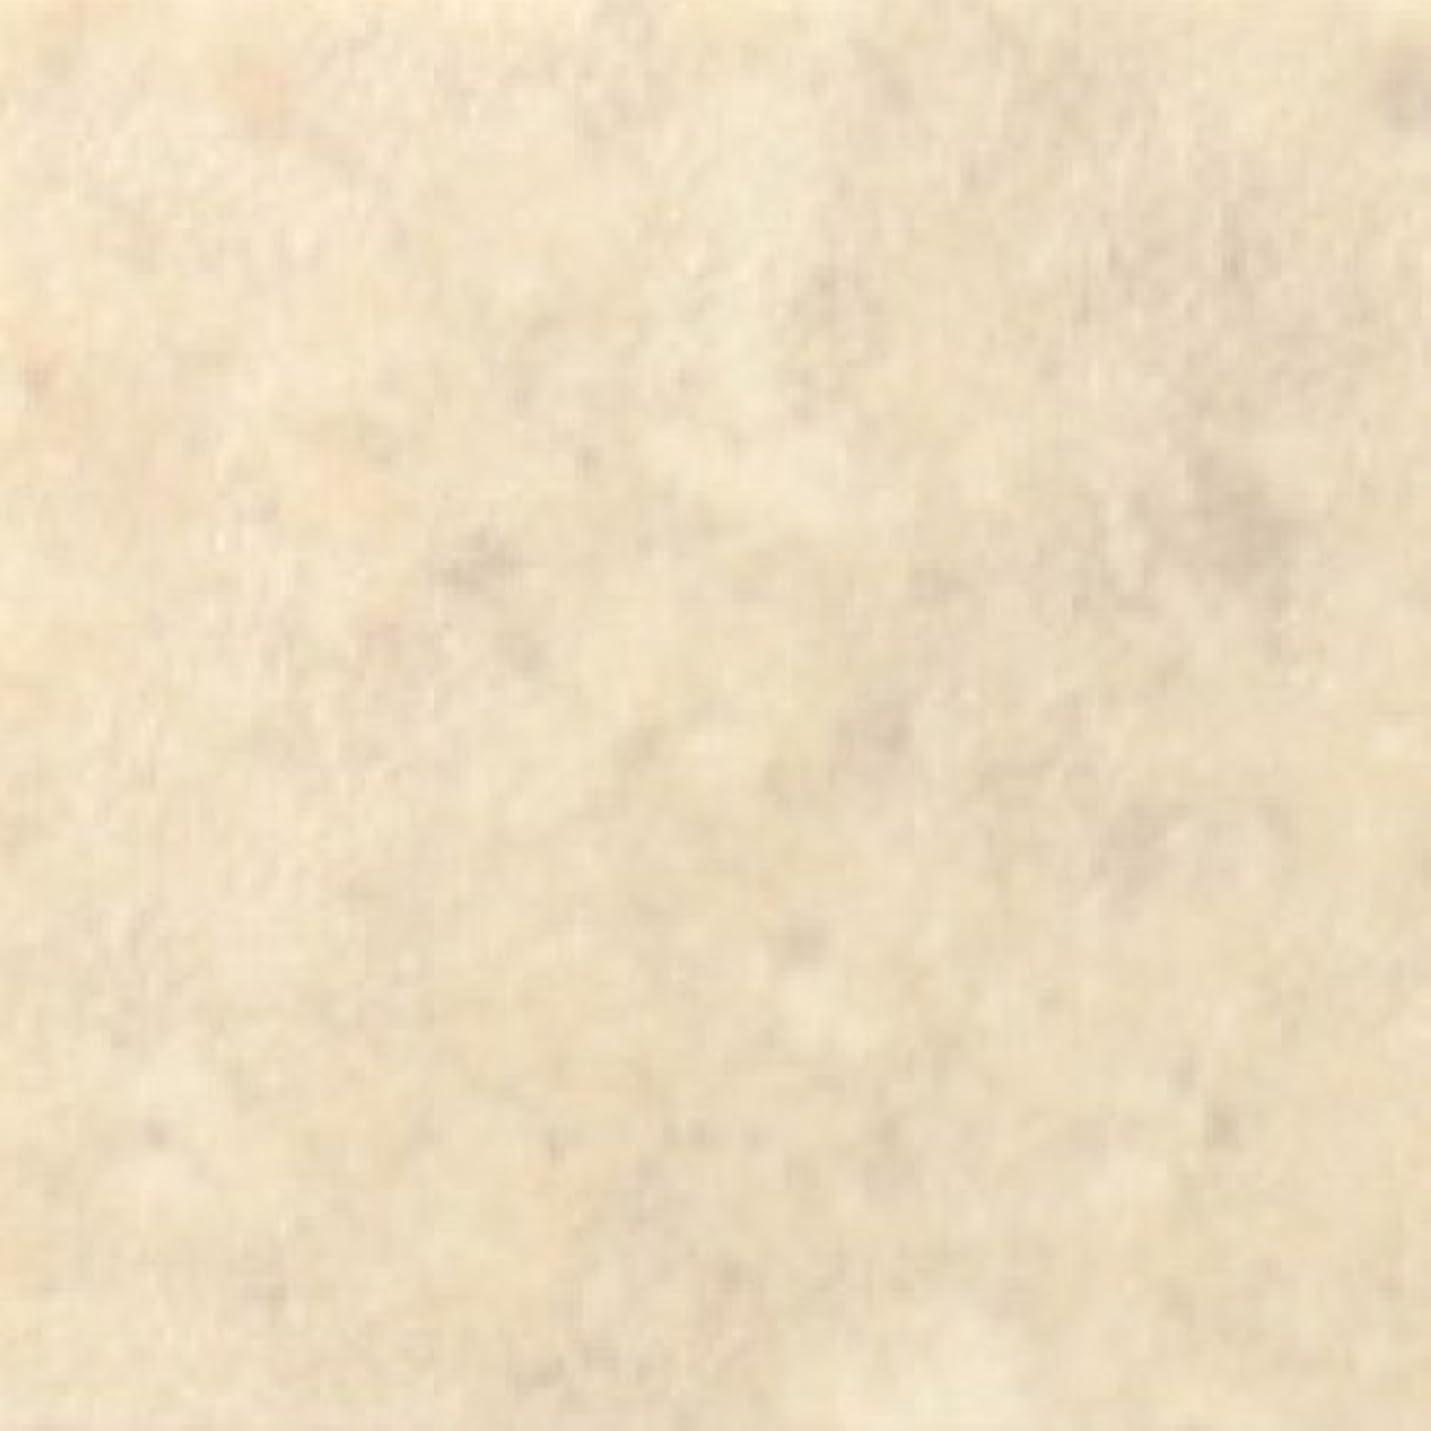 ヨーロッパ汚染する戦術サンゲツ クッションフロア 石目 クレマライム (長さ1m x 注文数) 型番: HM-2089 01M